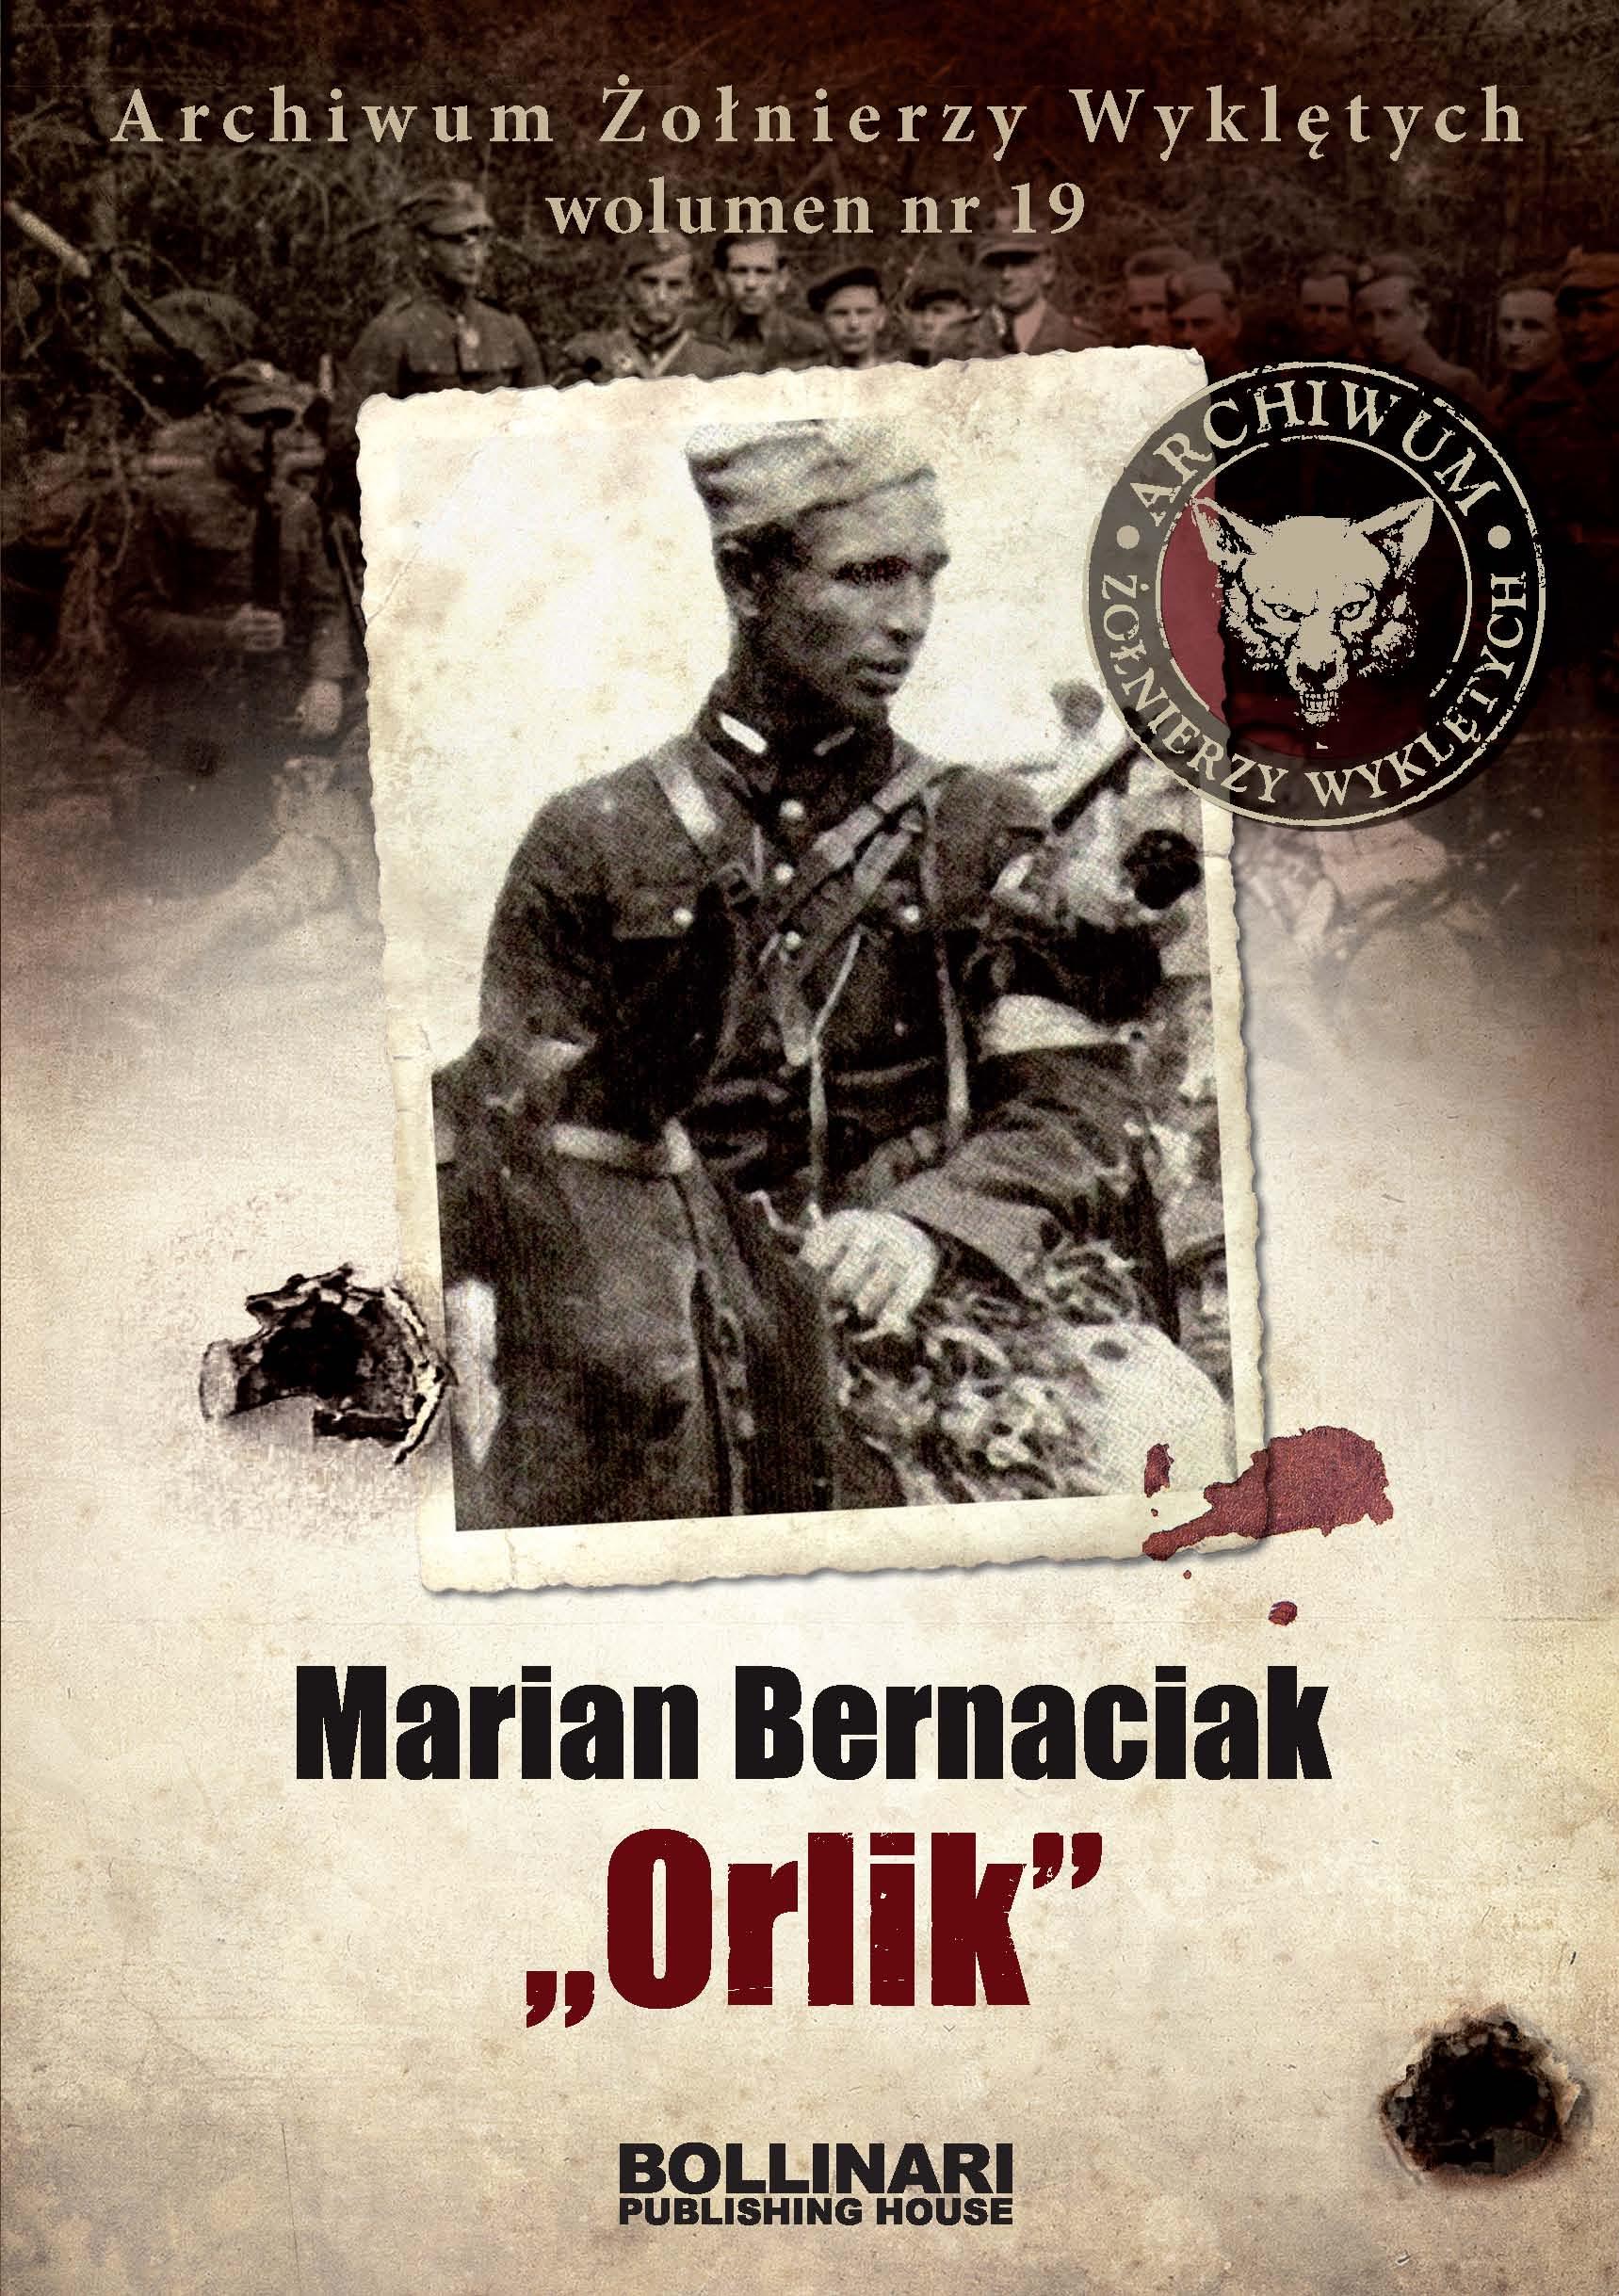 Archiwum Żołnierzy Wyklętych. Wolumen 19. Marian Bernaciak